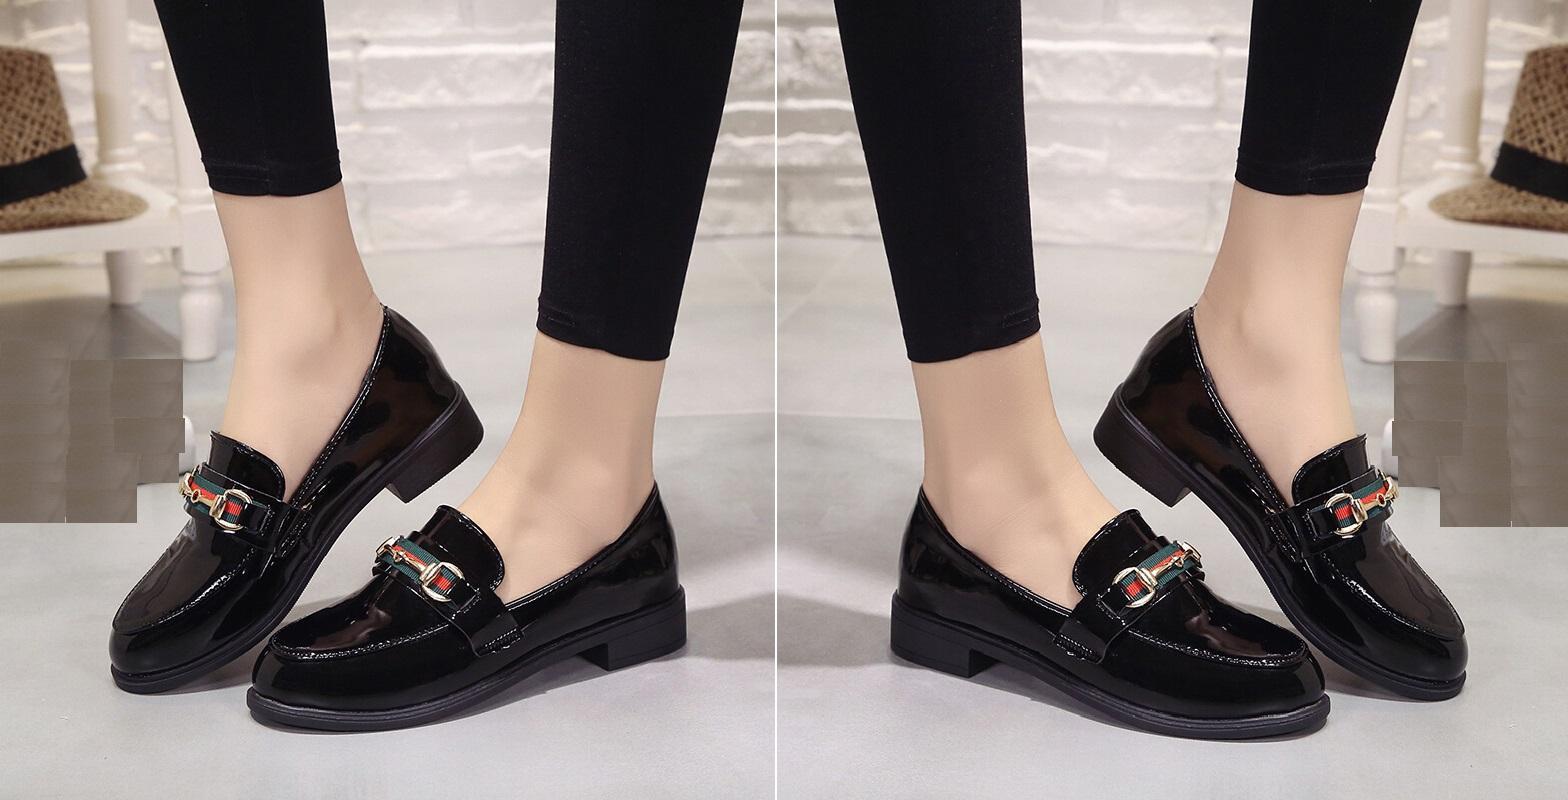 صورة تفسير حلم لبس الحذاء للمتزوجة , مامعنى ارتداء الجزمه للزوجه 6304 1